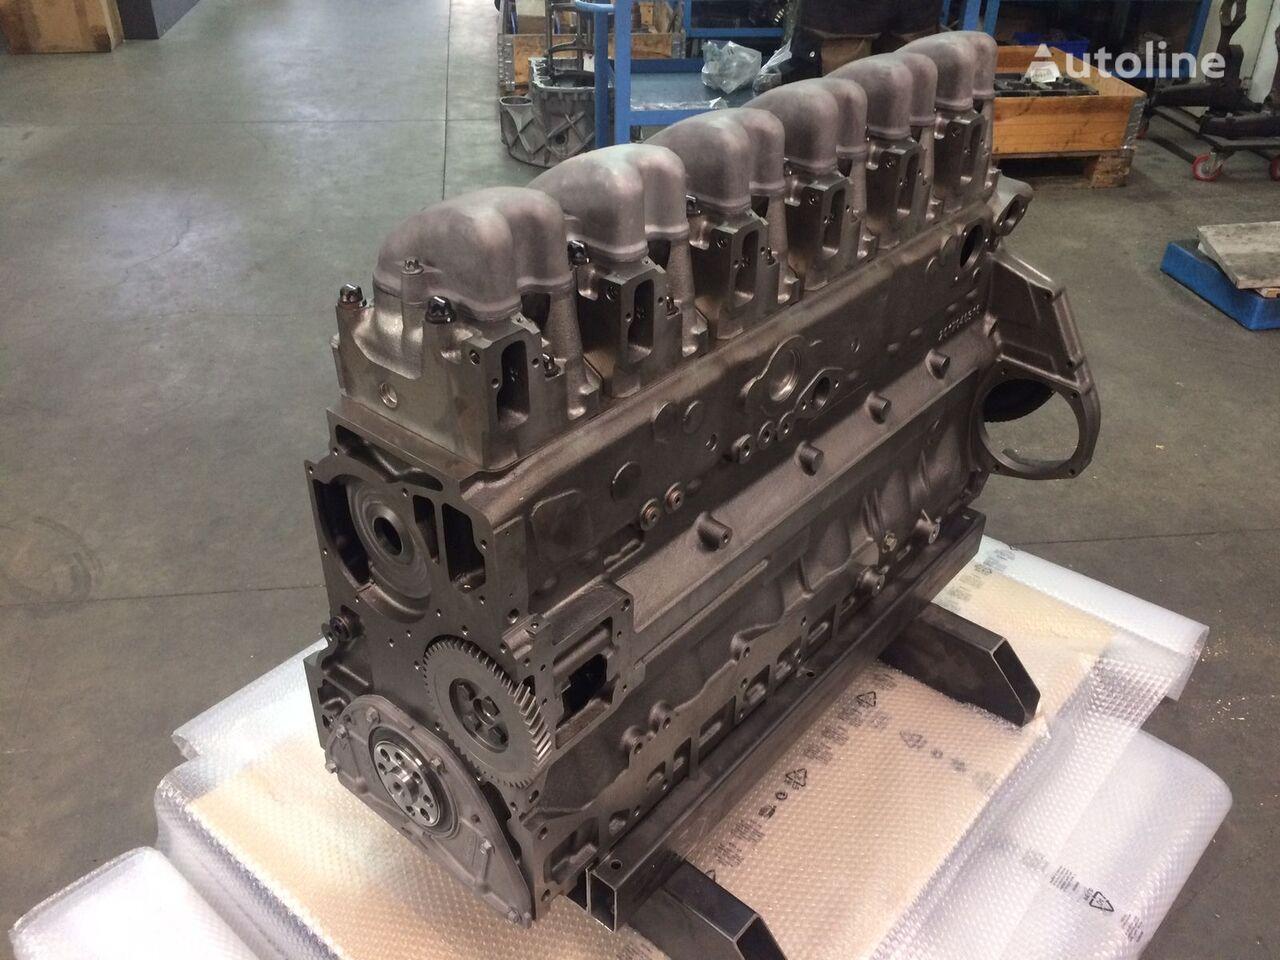 MAN - MOTORE E2876LUH01 - per BUS e bloque de motor para camión